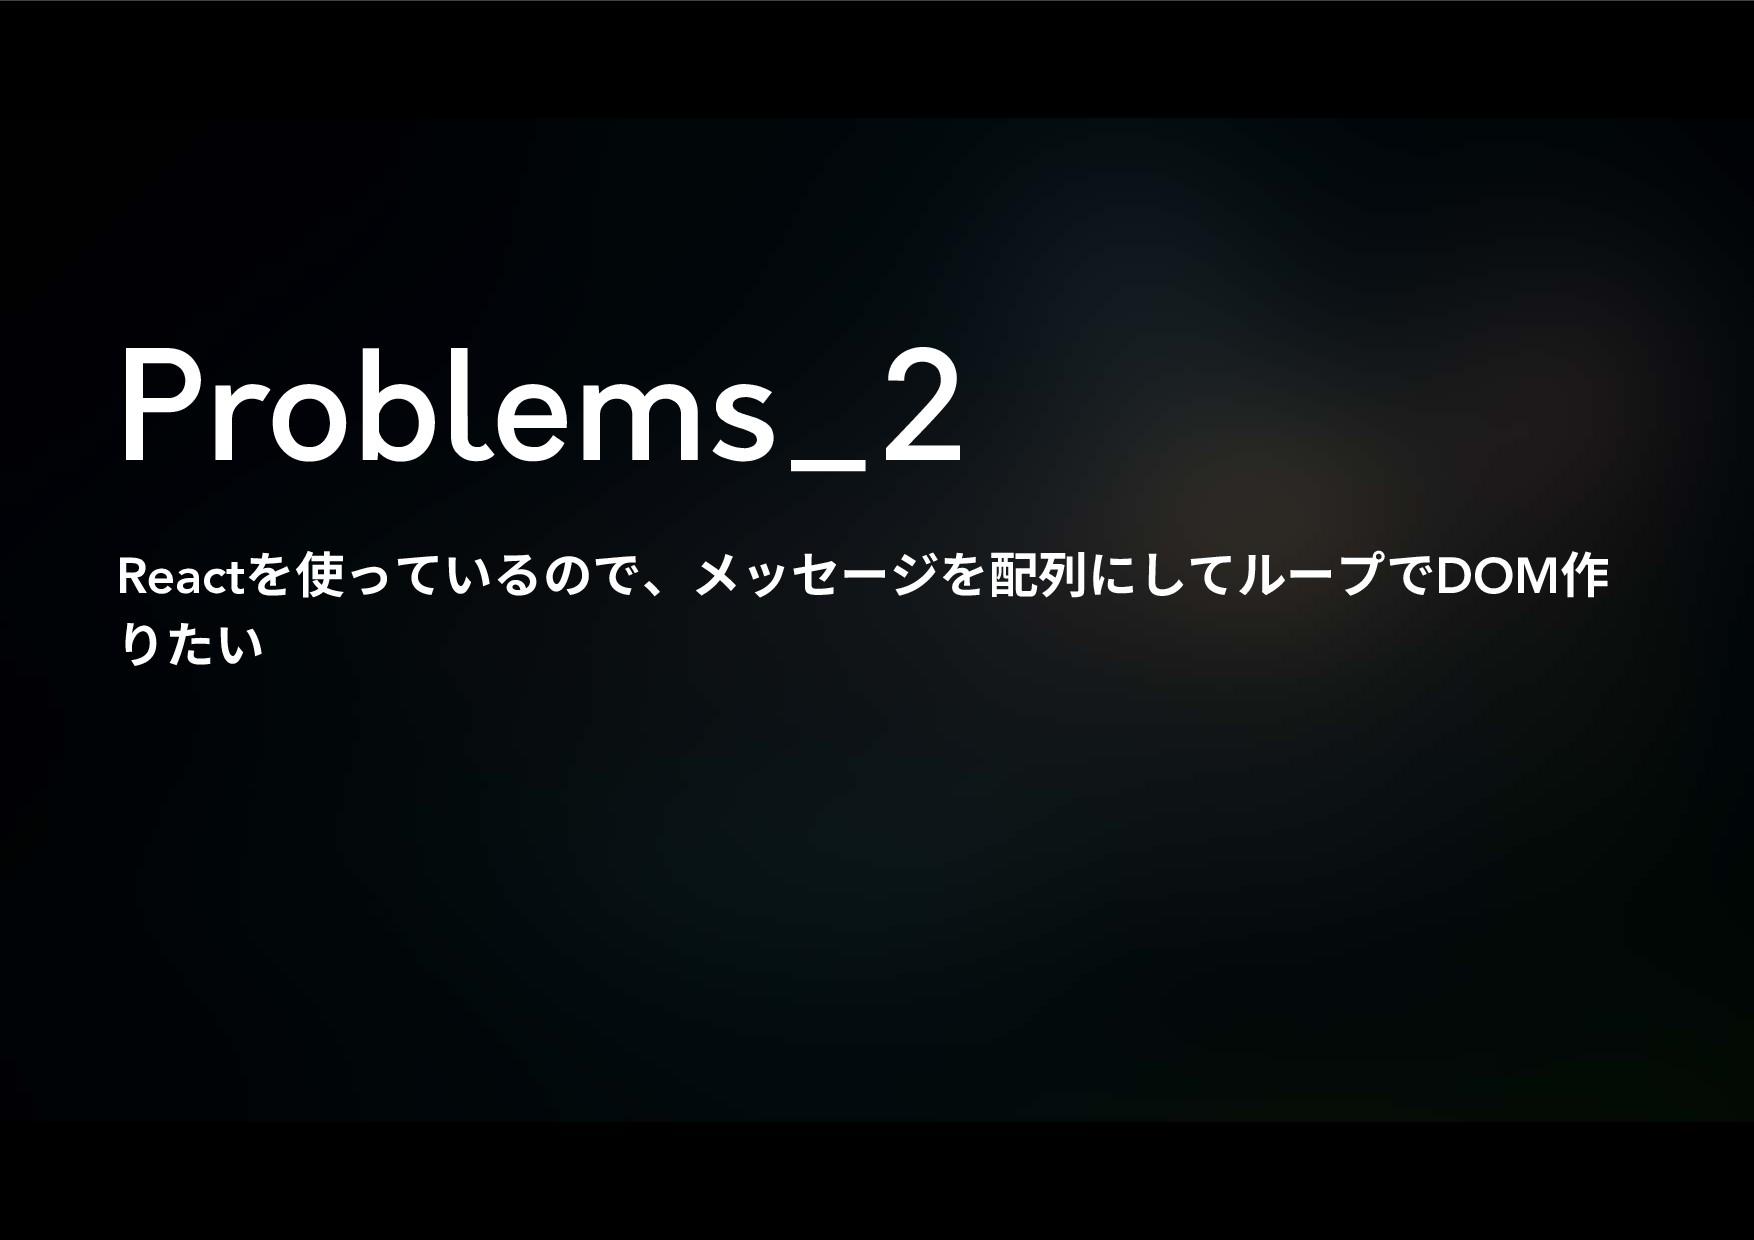 Problems_2 React⢪גְךדծًحإ٦آꂁח׃גٕ٦فדDOM⡲ ...